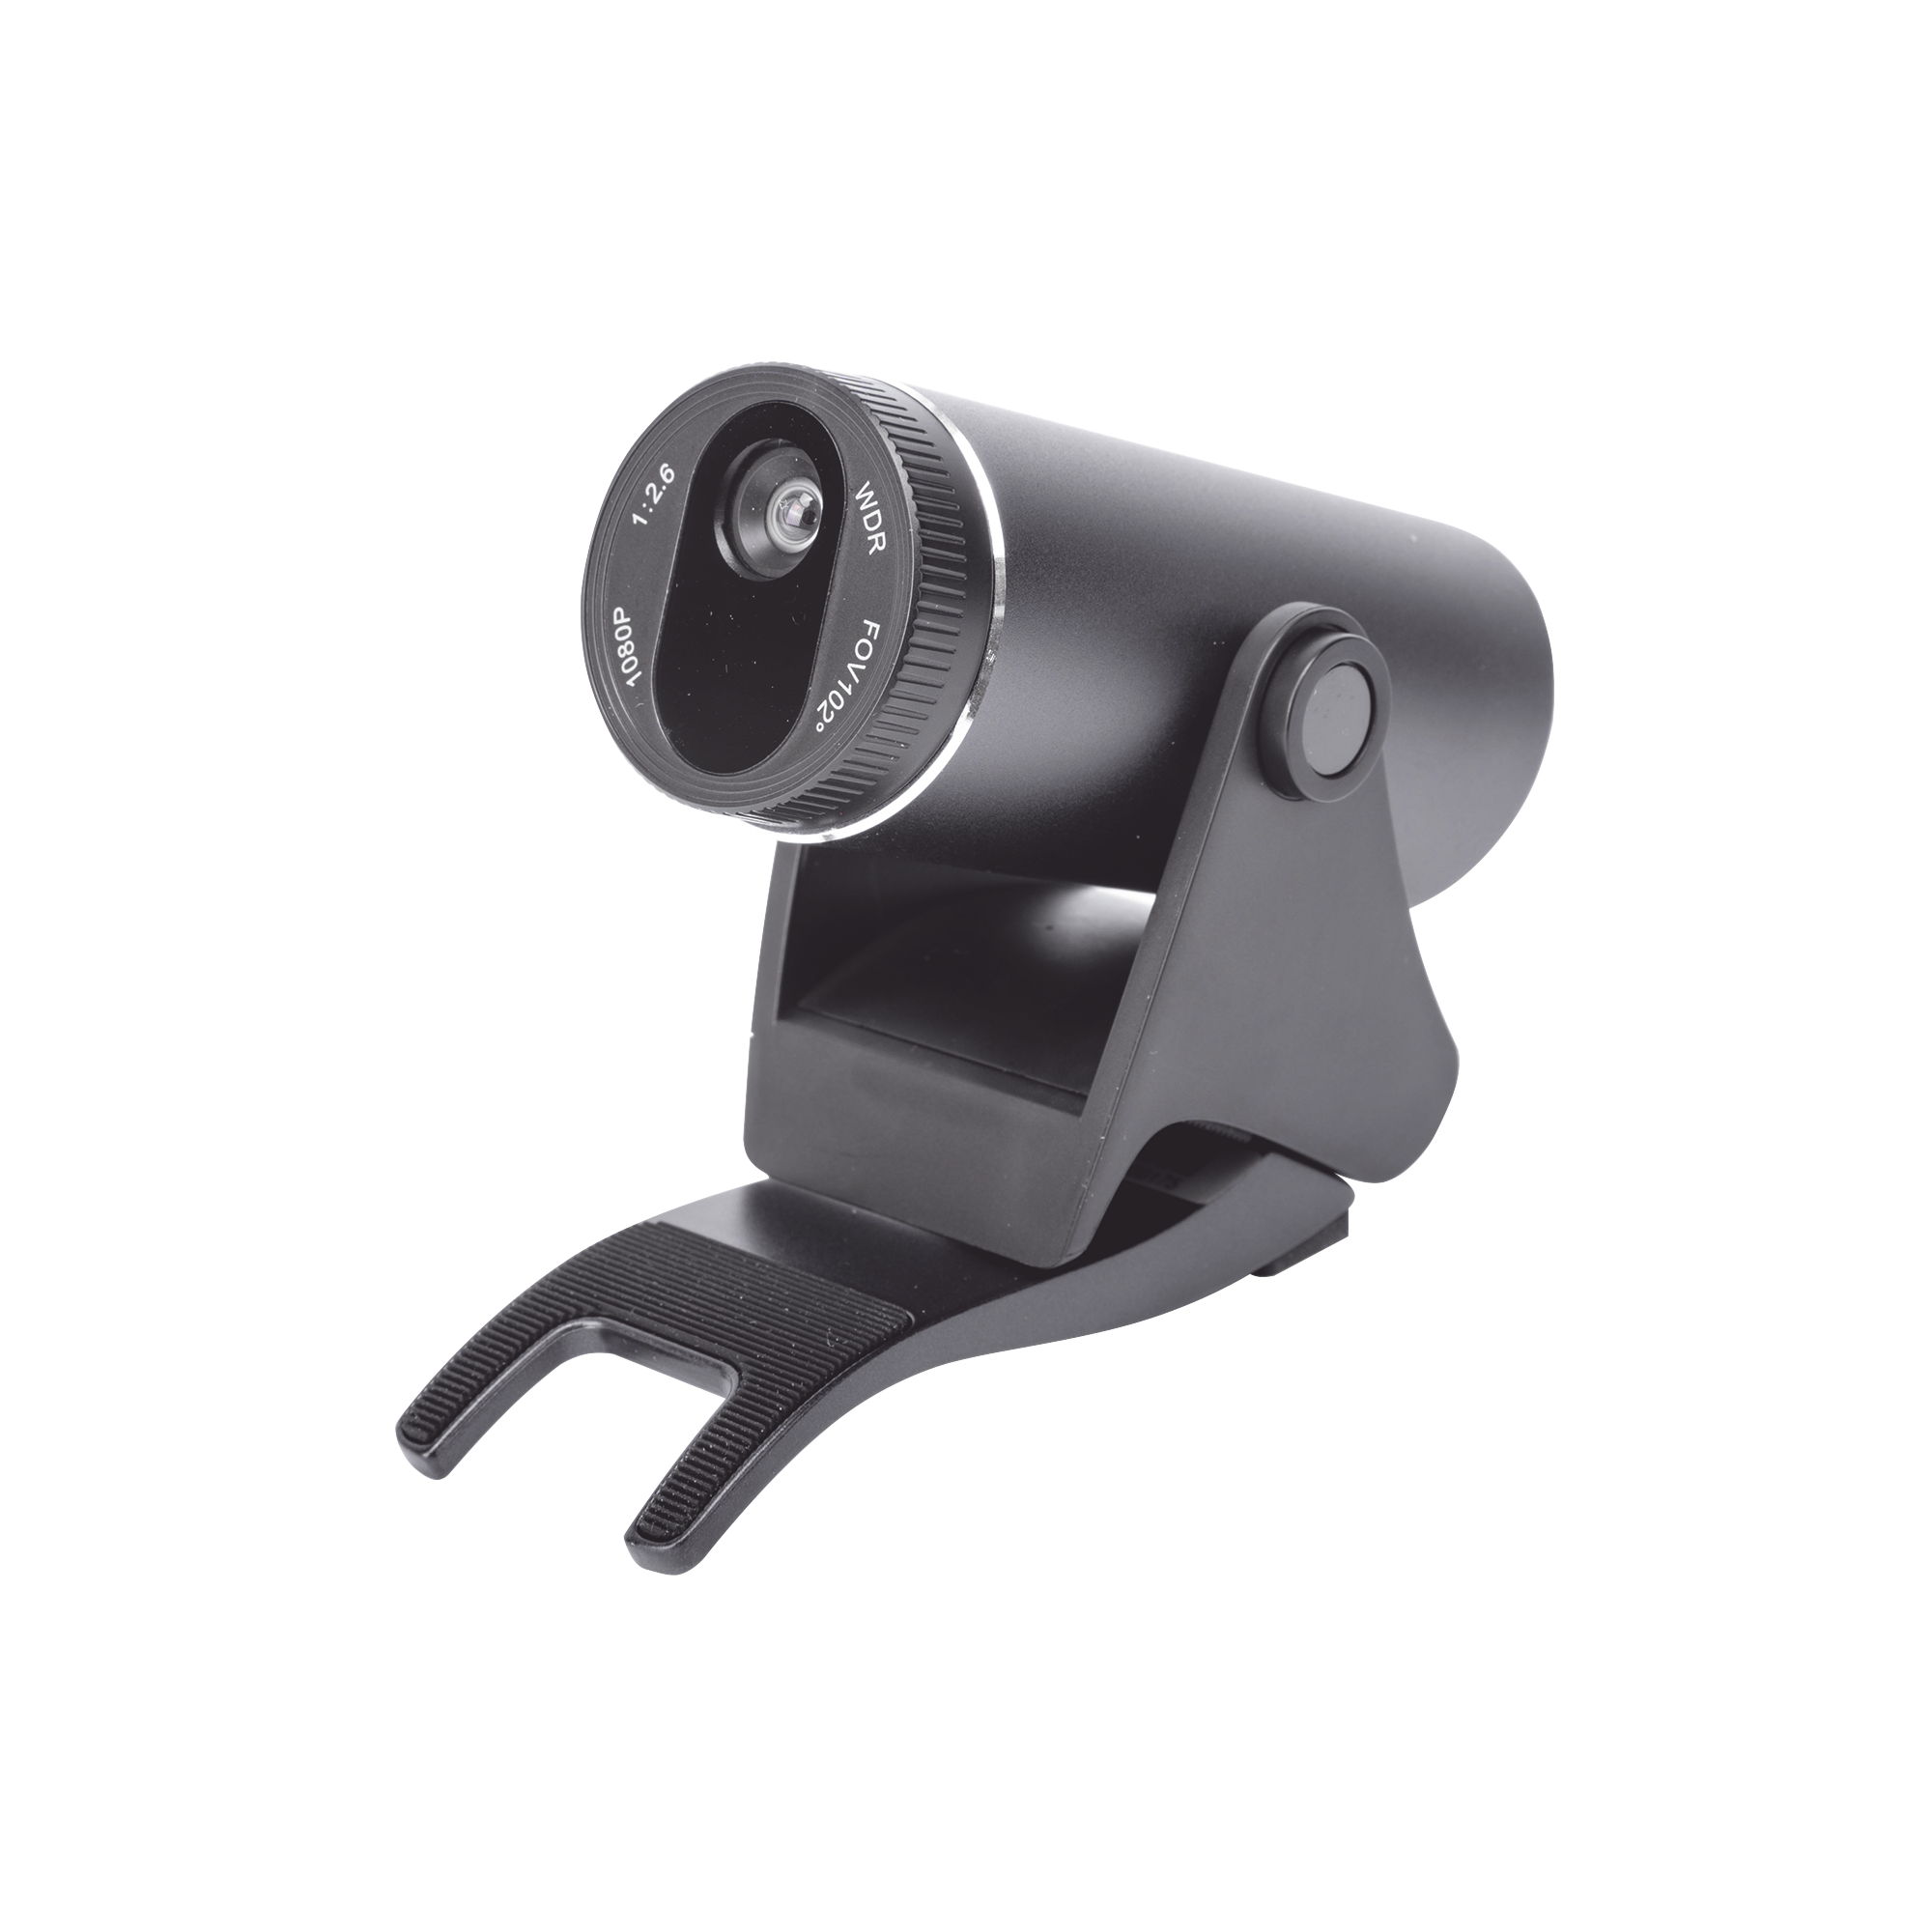 Cámara portable para teléfono X7A y funcionalidad de Web Cam, puerto USB, 2 MPX, 1080P con 30fps.